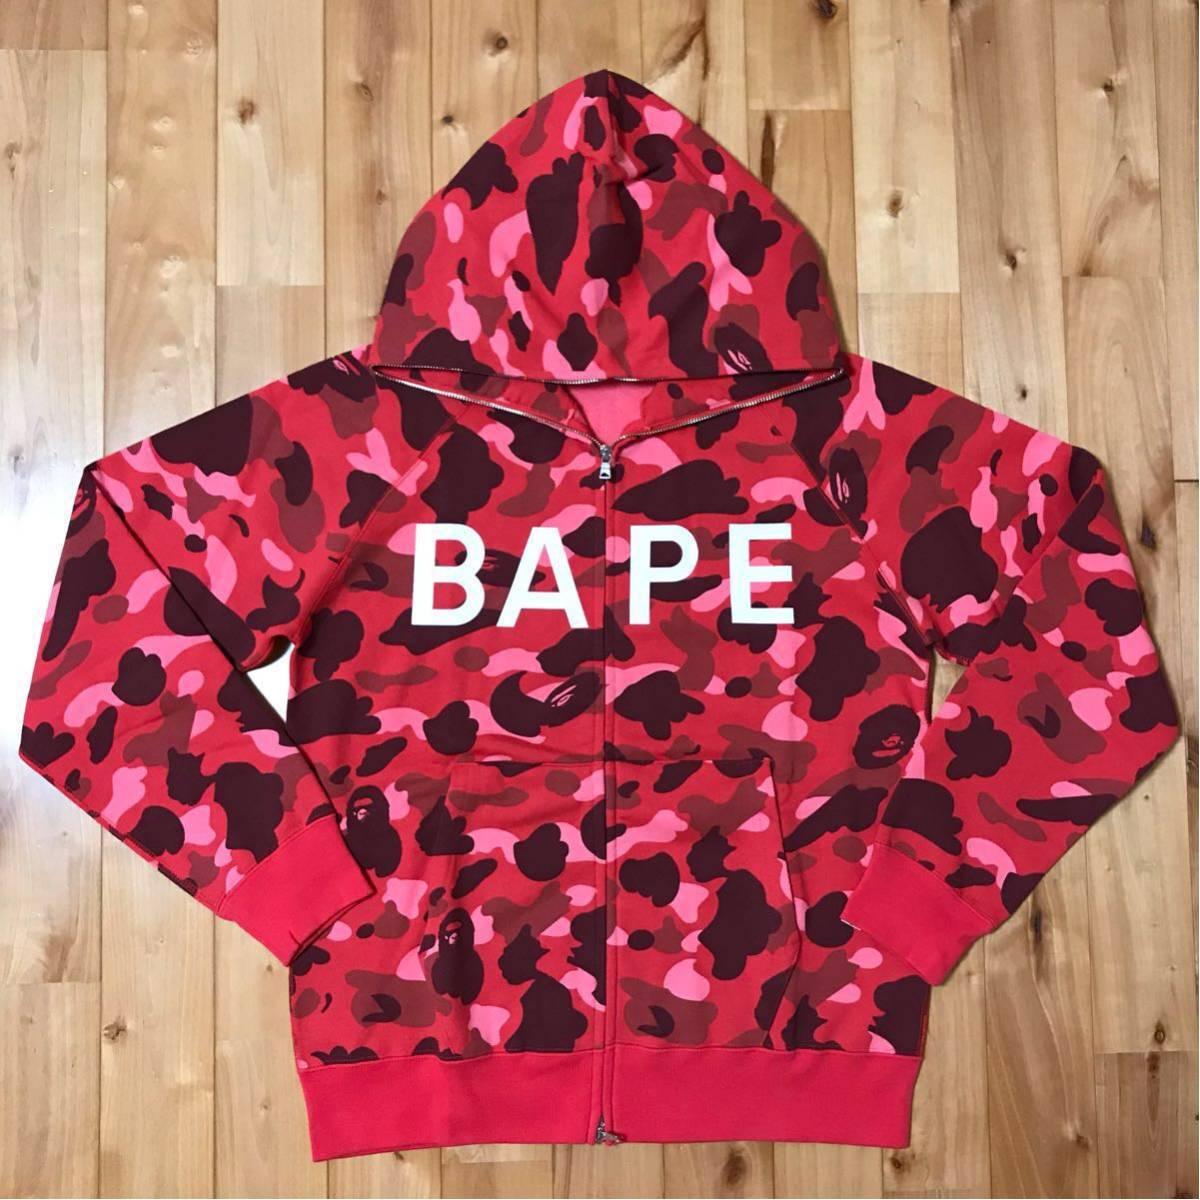 ★新品★ pharrell camo パーカー Lサイズ a bathing ape bape hoodie エイプ ベイプ red camo N・E・R・D The Neptunes レッドカモ 迷彩